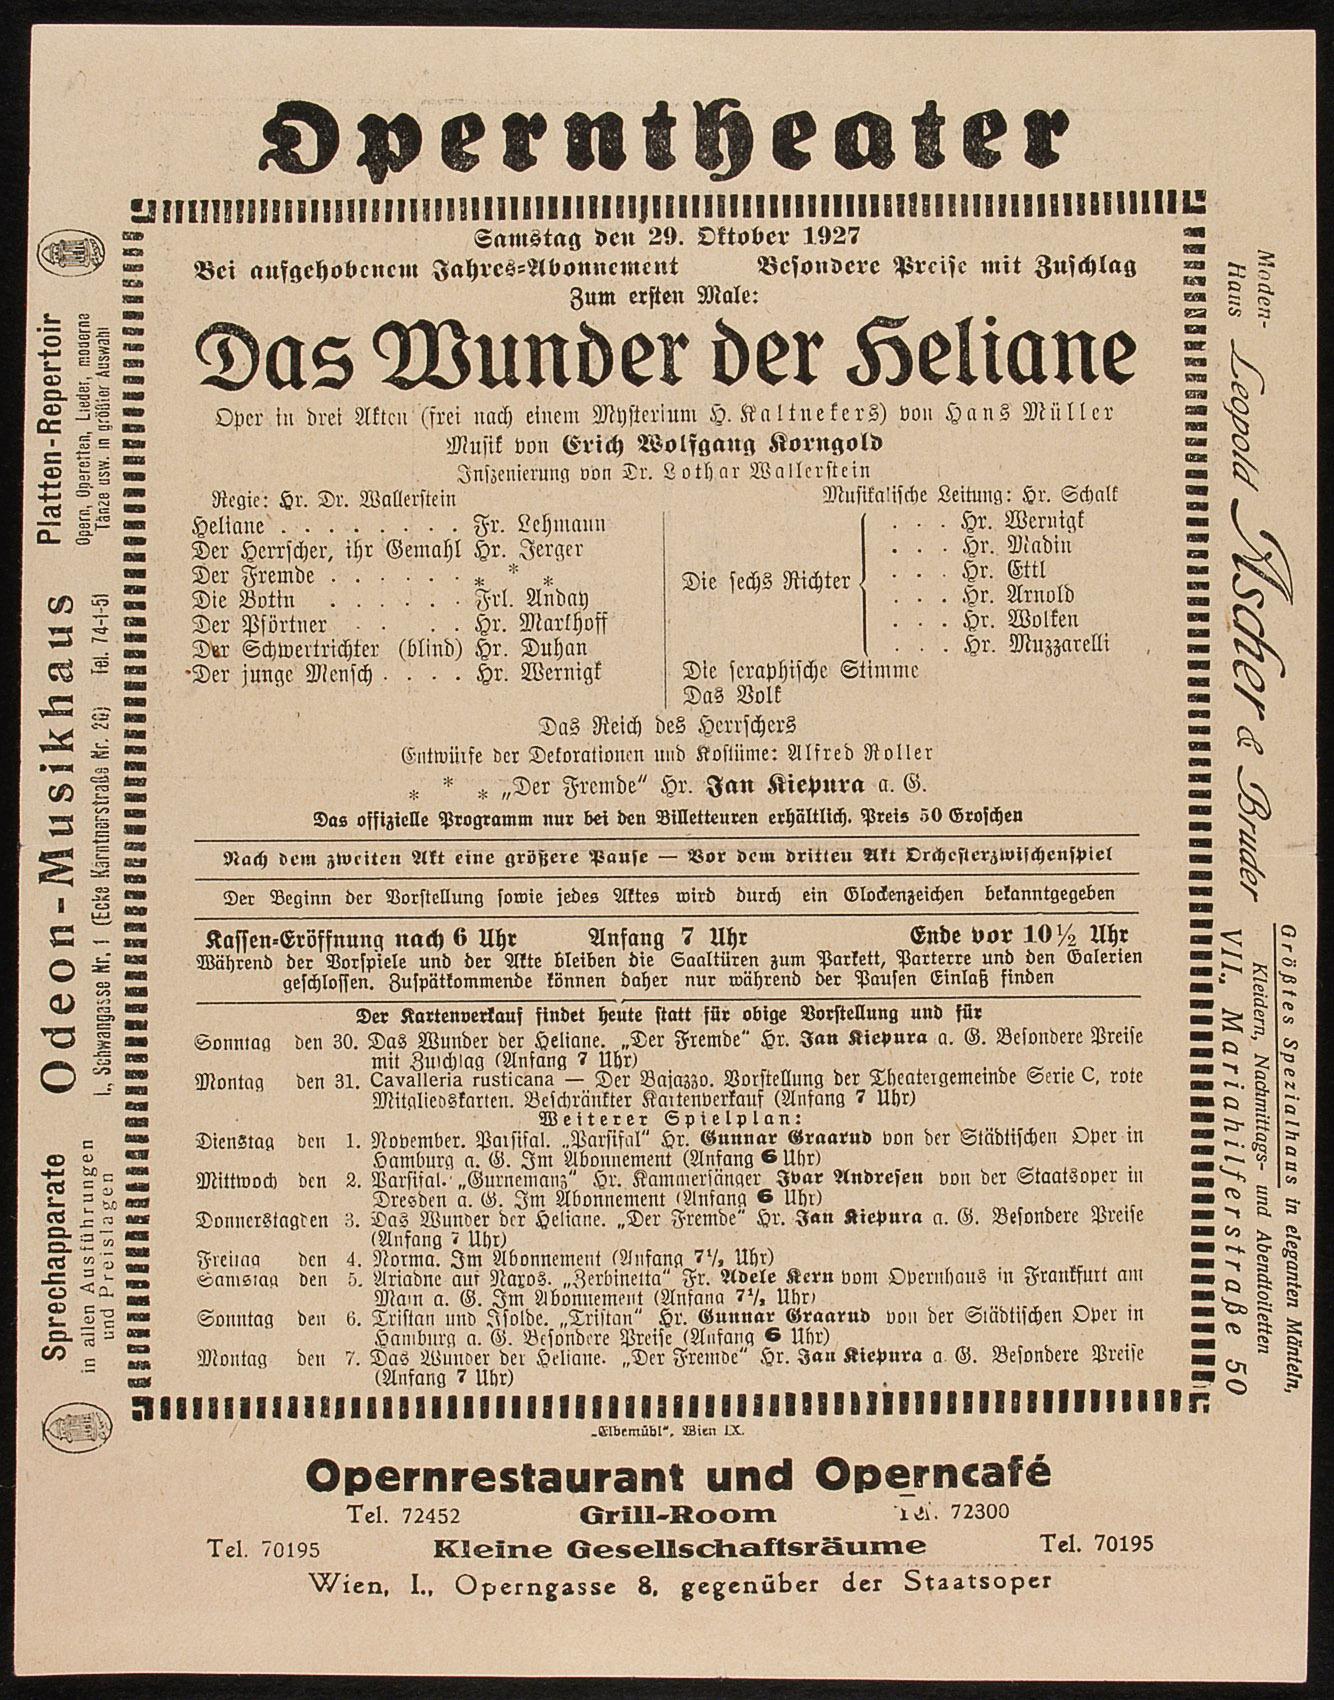 Das Wunder der Heliane von Erich Wolfgang Korngold